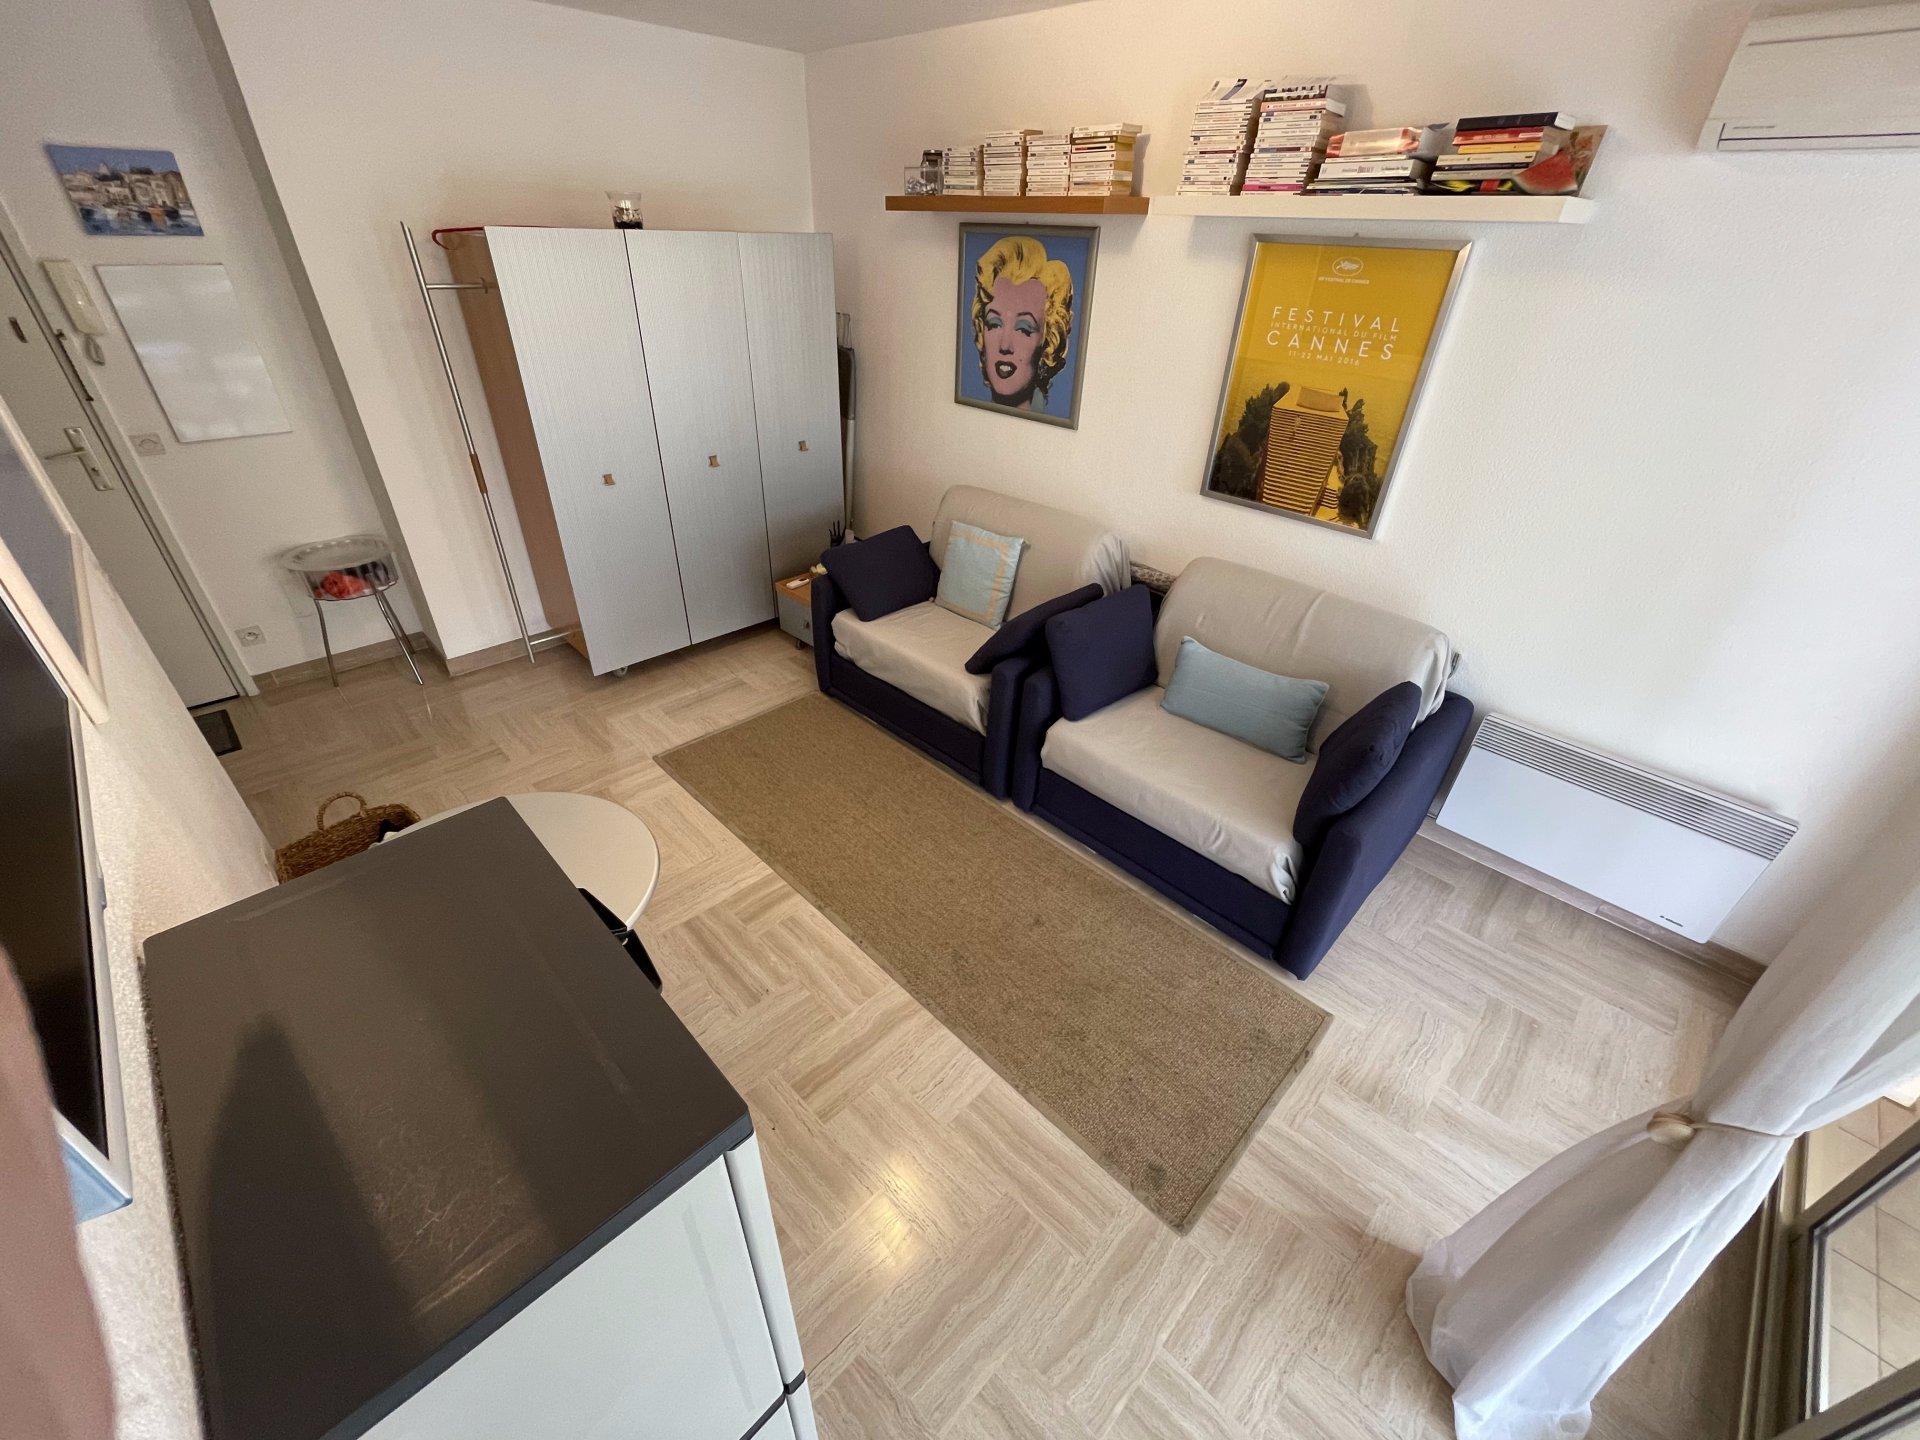 Magnifique studio entièrement meublé à voir absolument